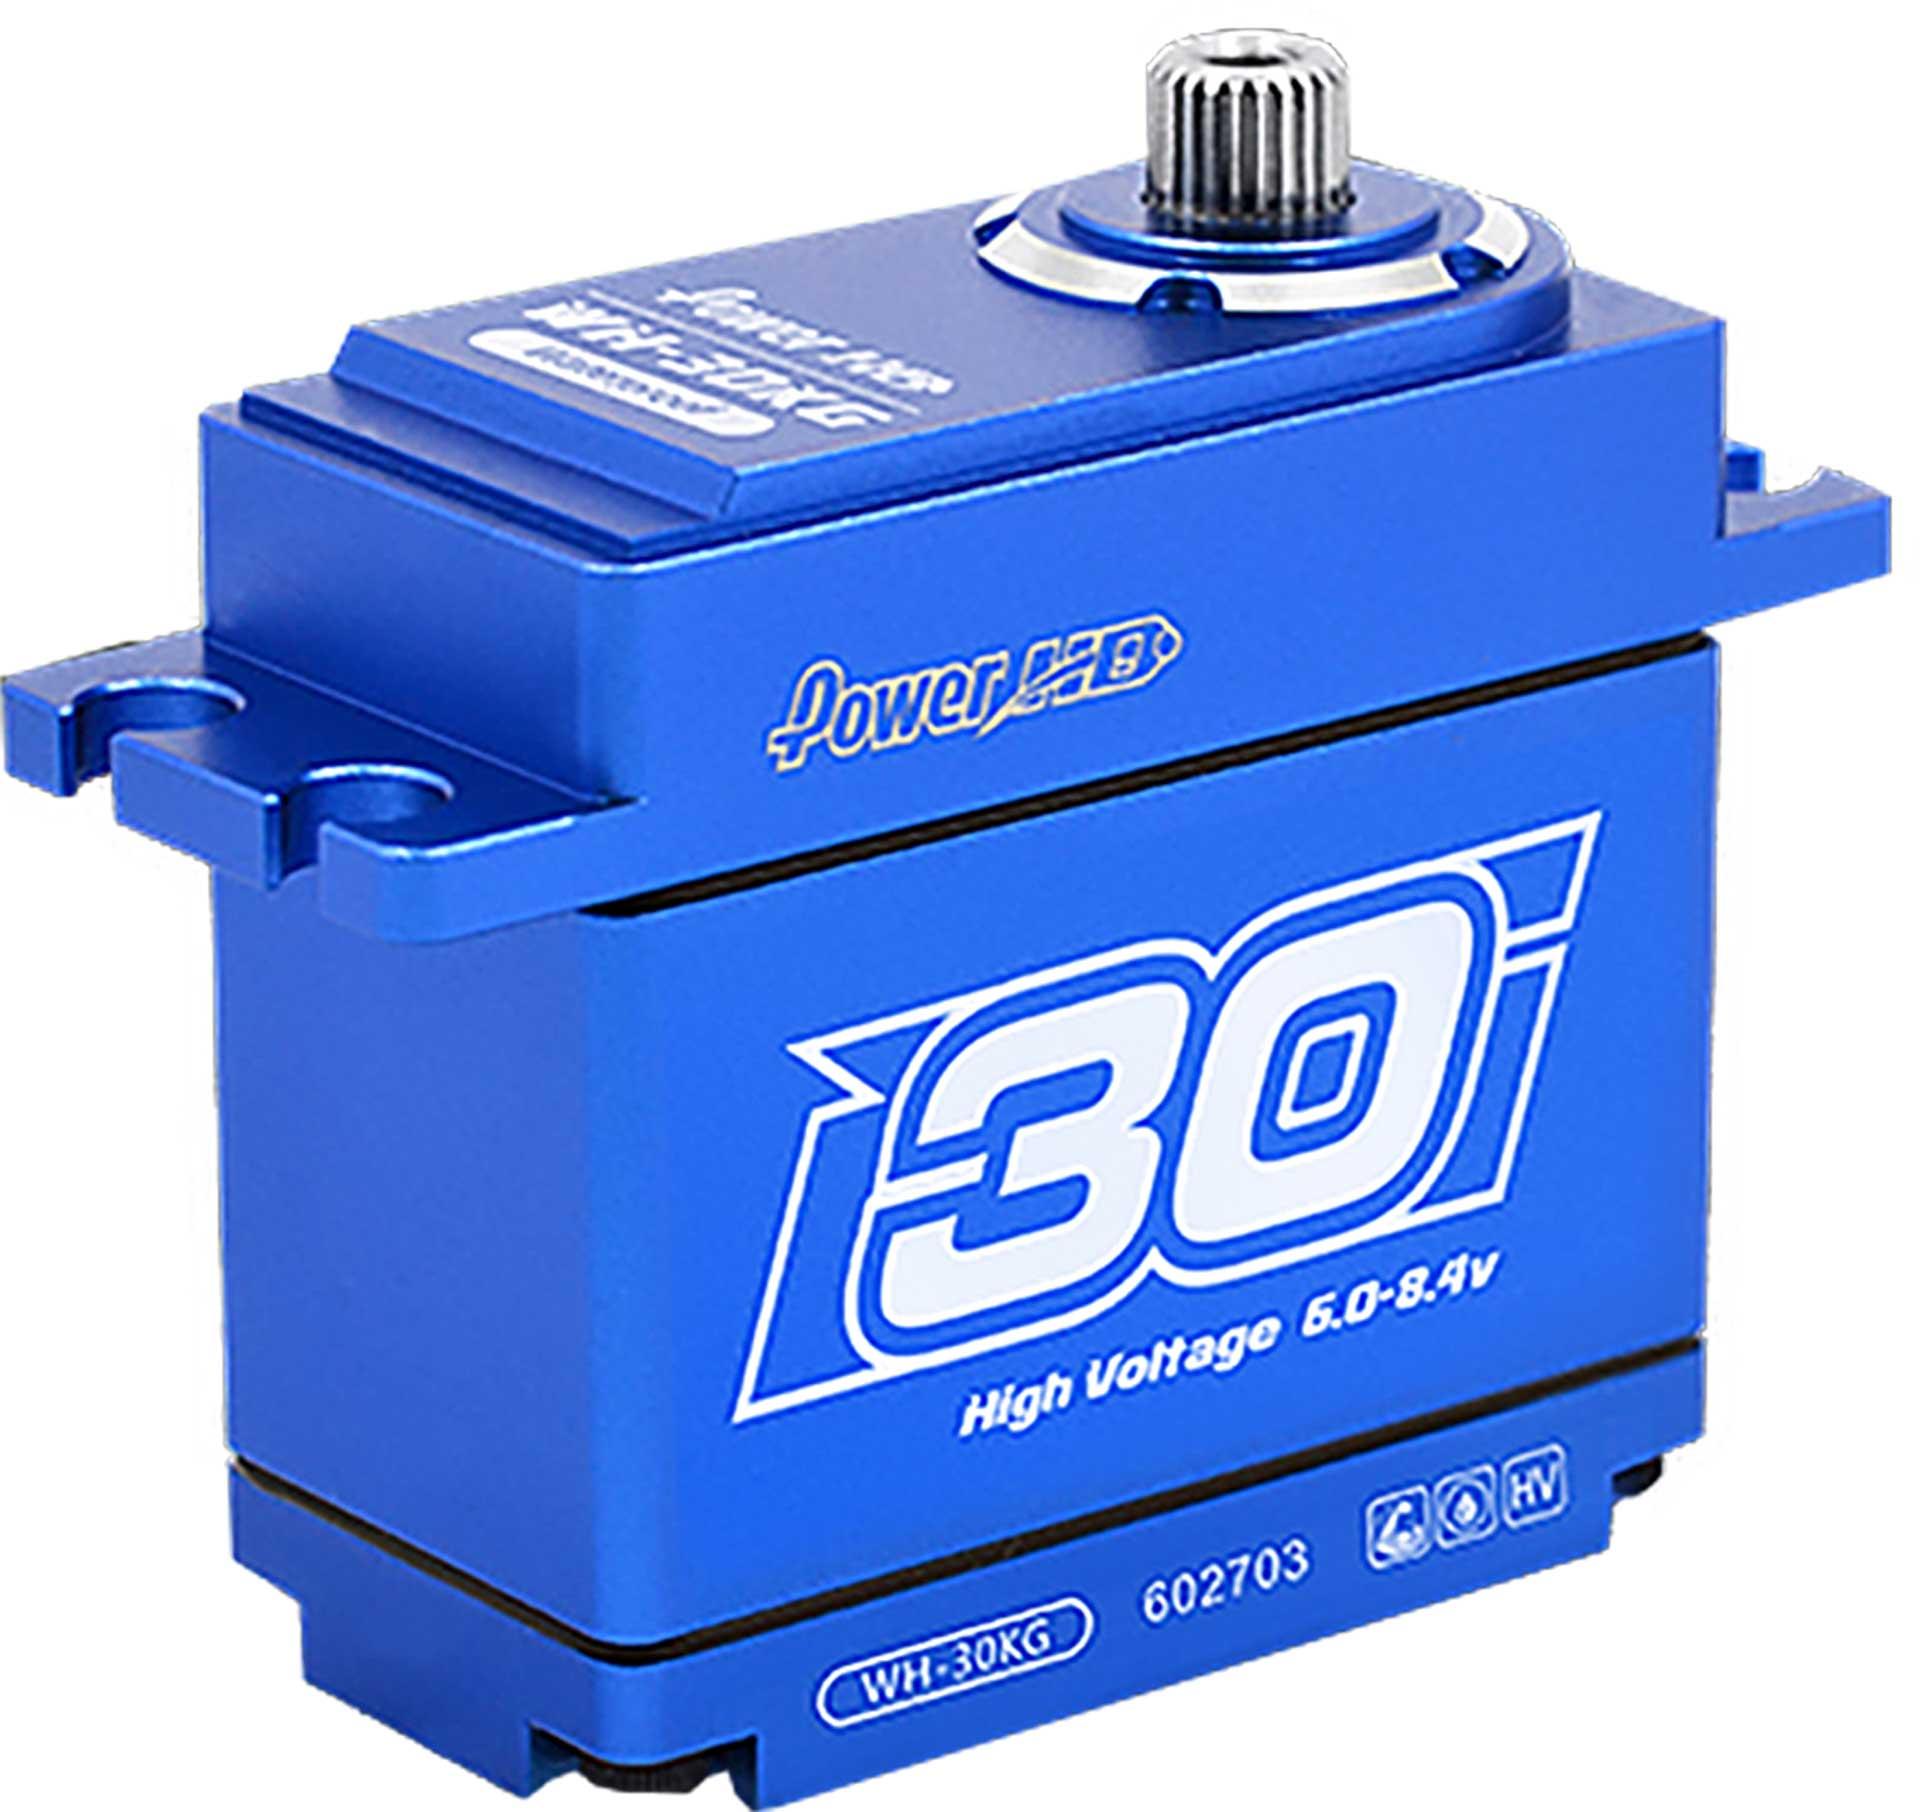 POWER HD WH-30 30kg HV wasserdicht Stahl/Aluminium Getriebe Coreless Motor Metallgehäuse doppelt kugelgelagert Digital Servo programmierbar